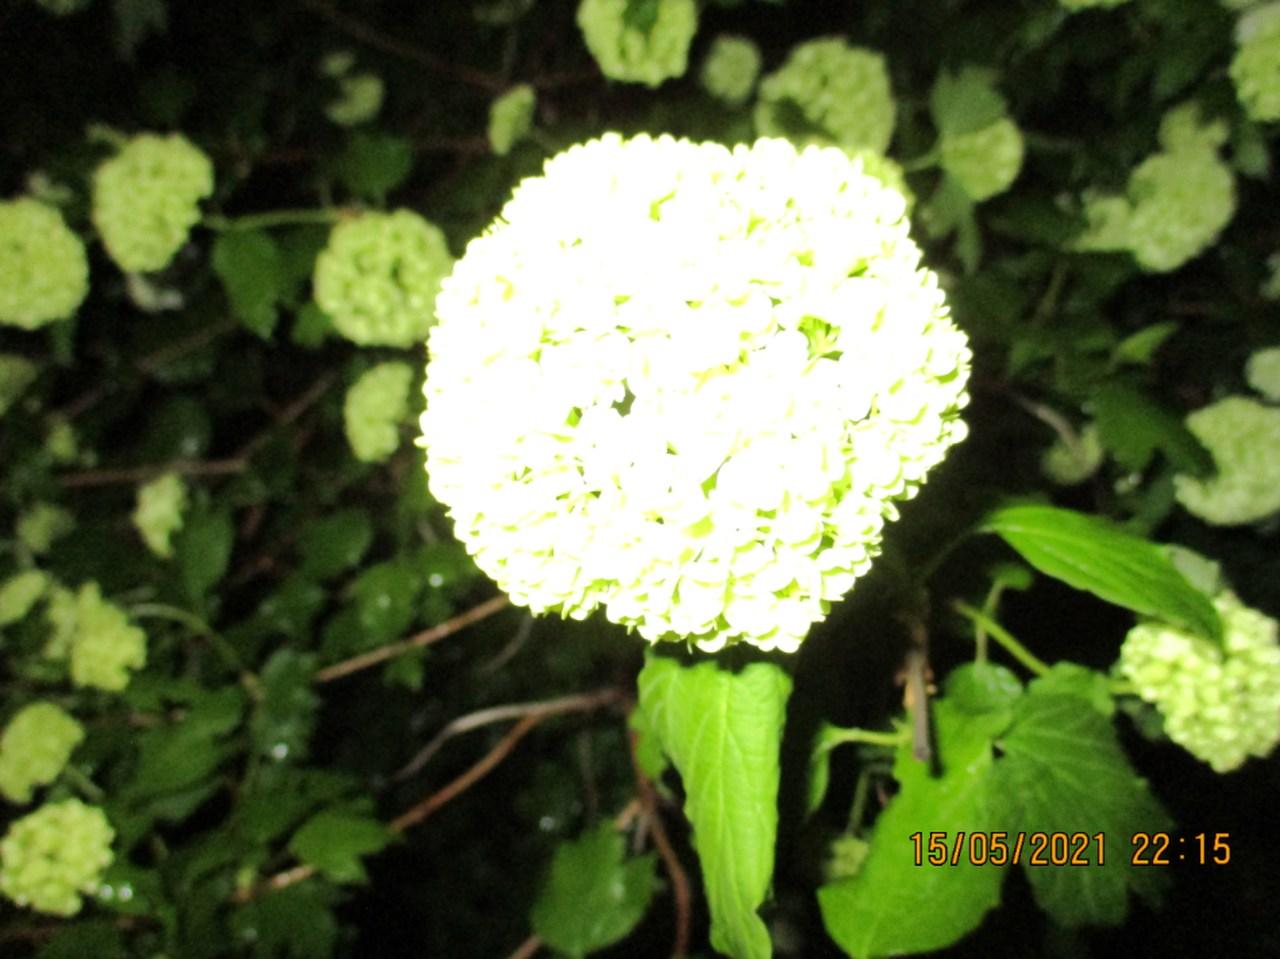 bild_2021-05-15_224301_easy-resize.jpg